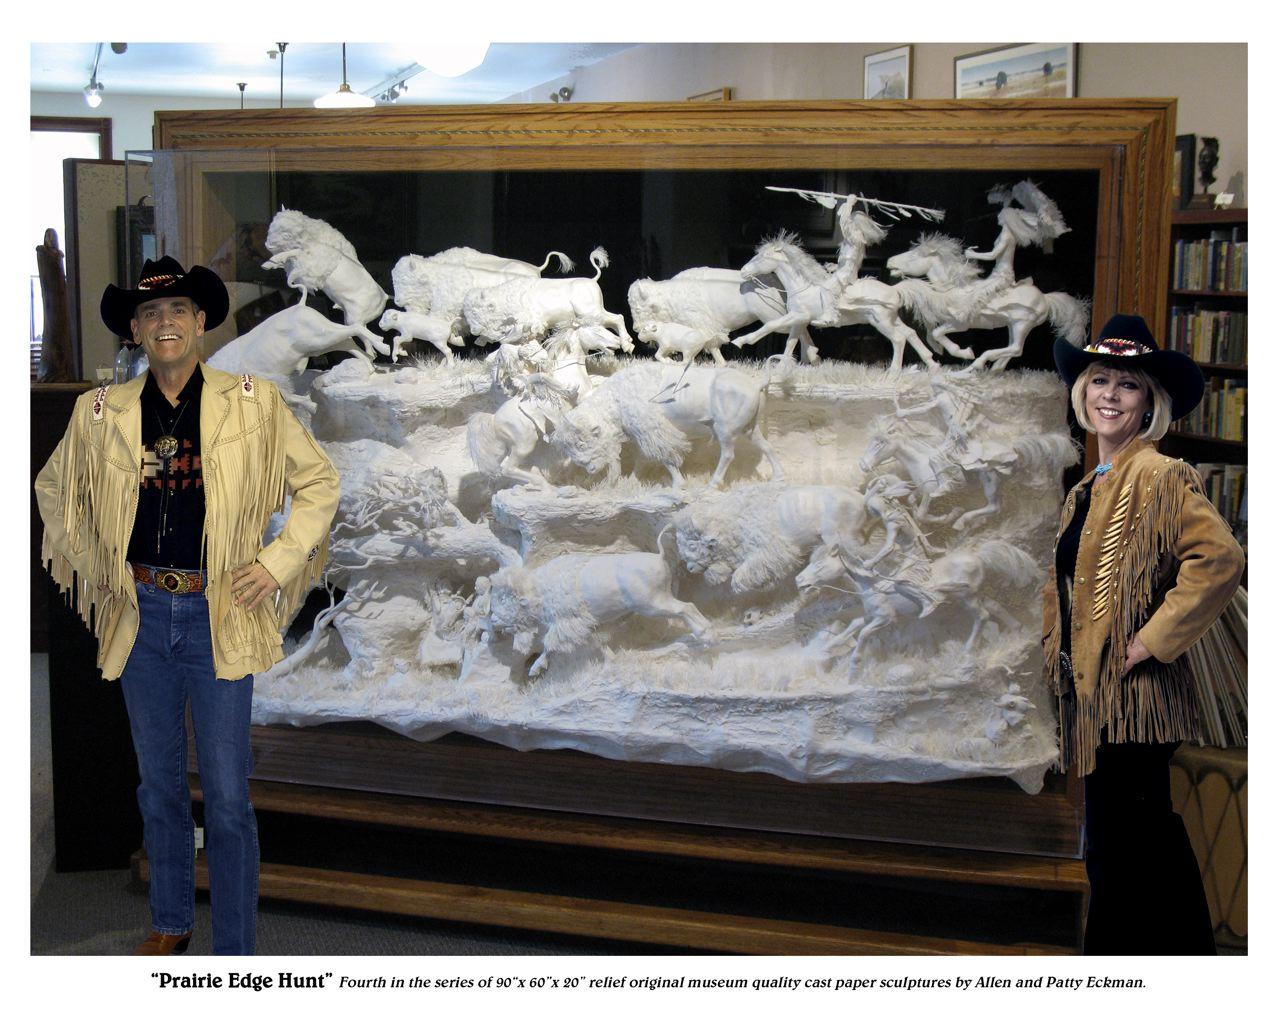 Espectaculares Esculturas en papel